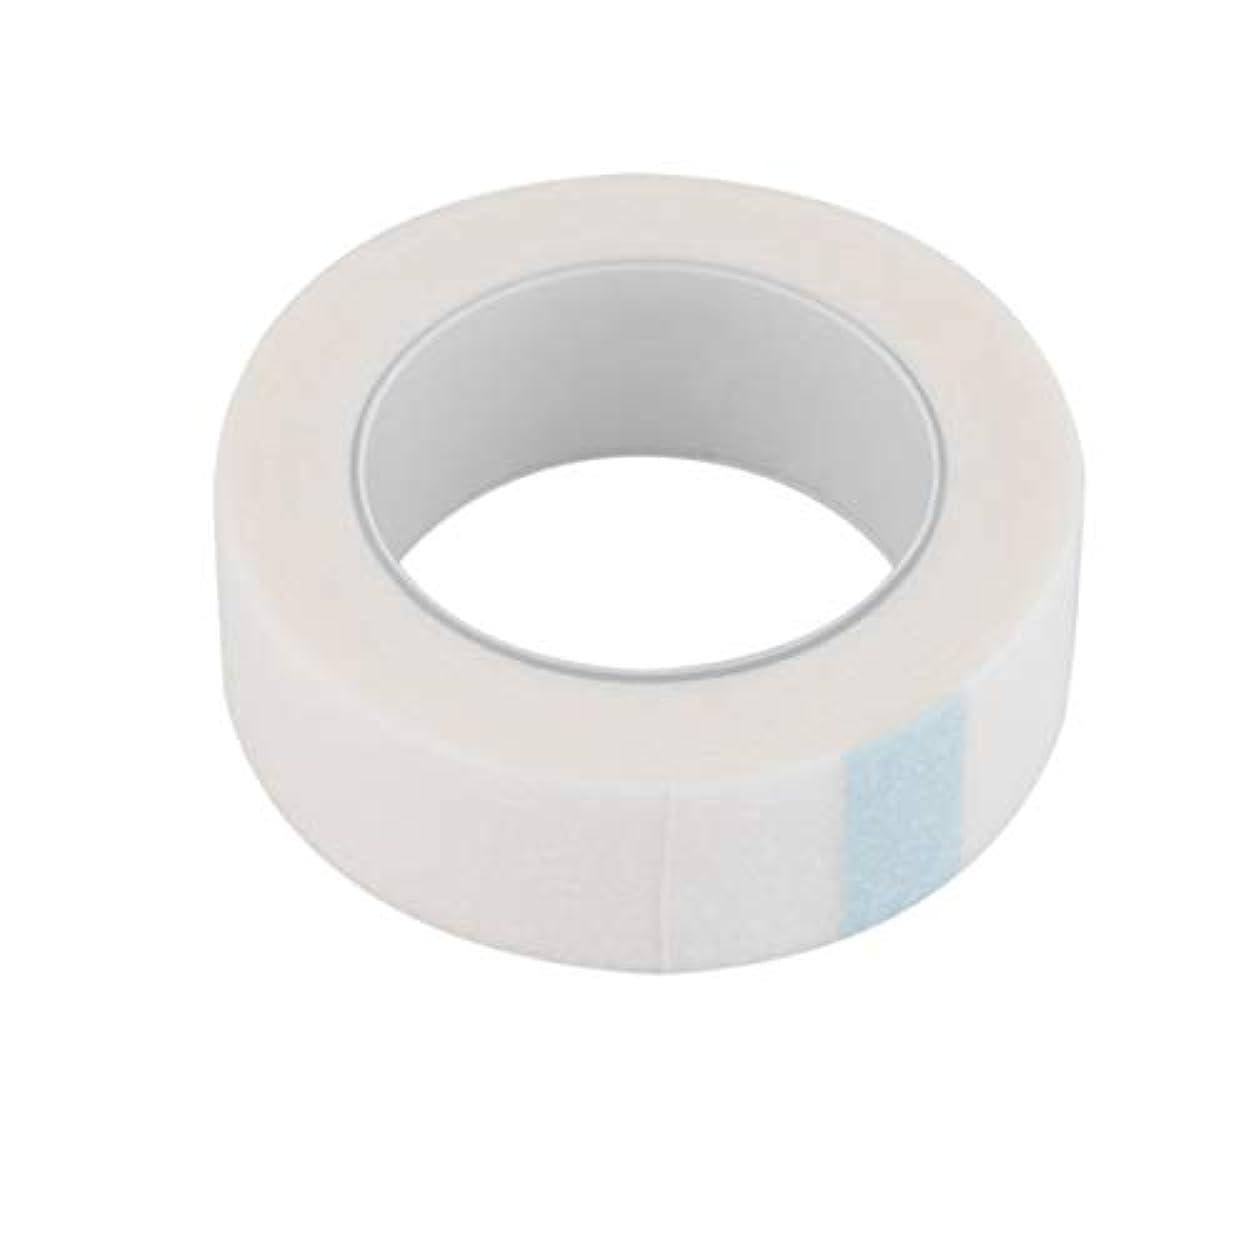 スペア芸術的ヒューマニスティックIntercorey 1ロール個々のまつげエクステンションツール供給医療テープ医療まつげエクステンションミクロ孔紙化粧